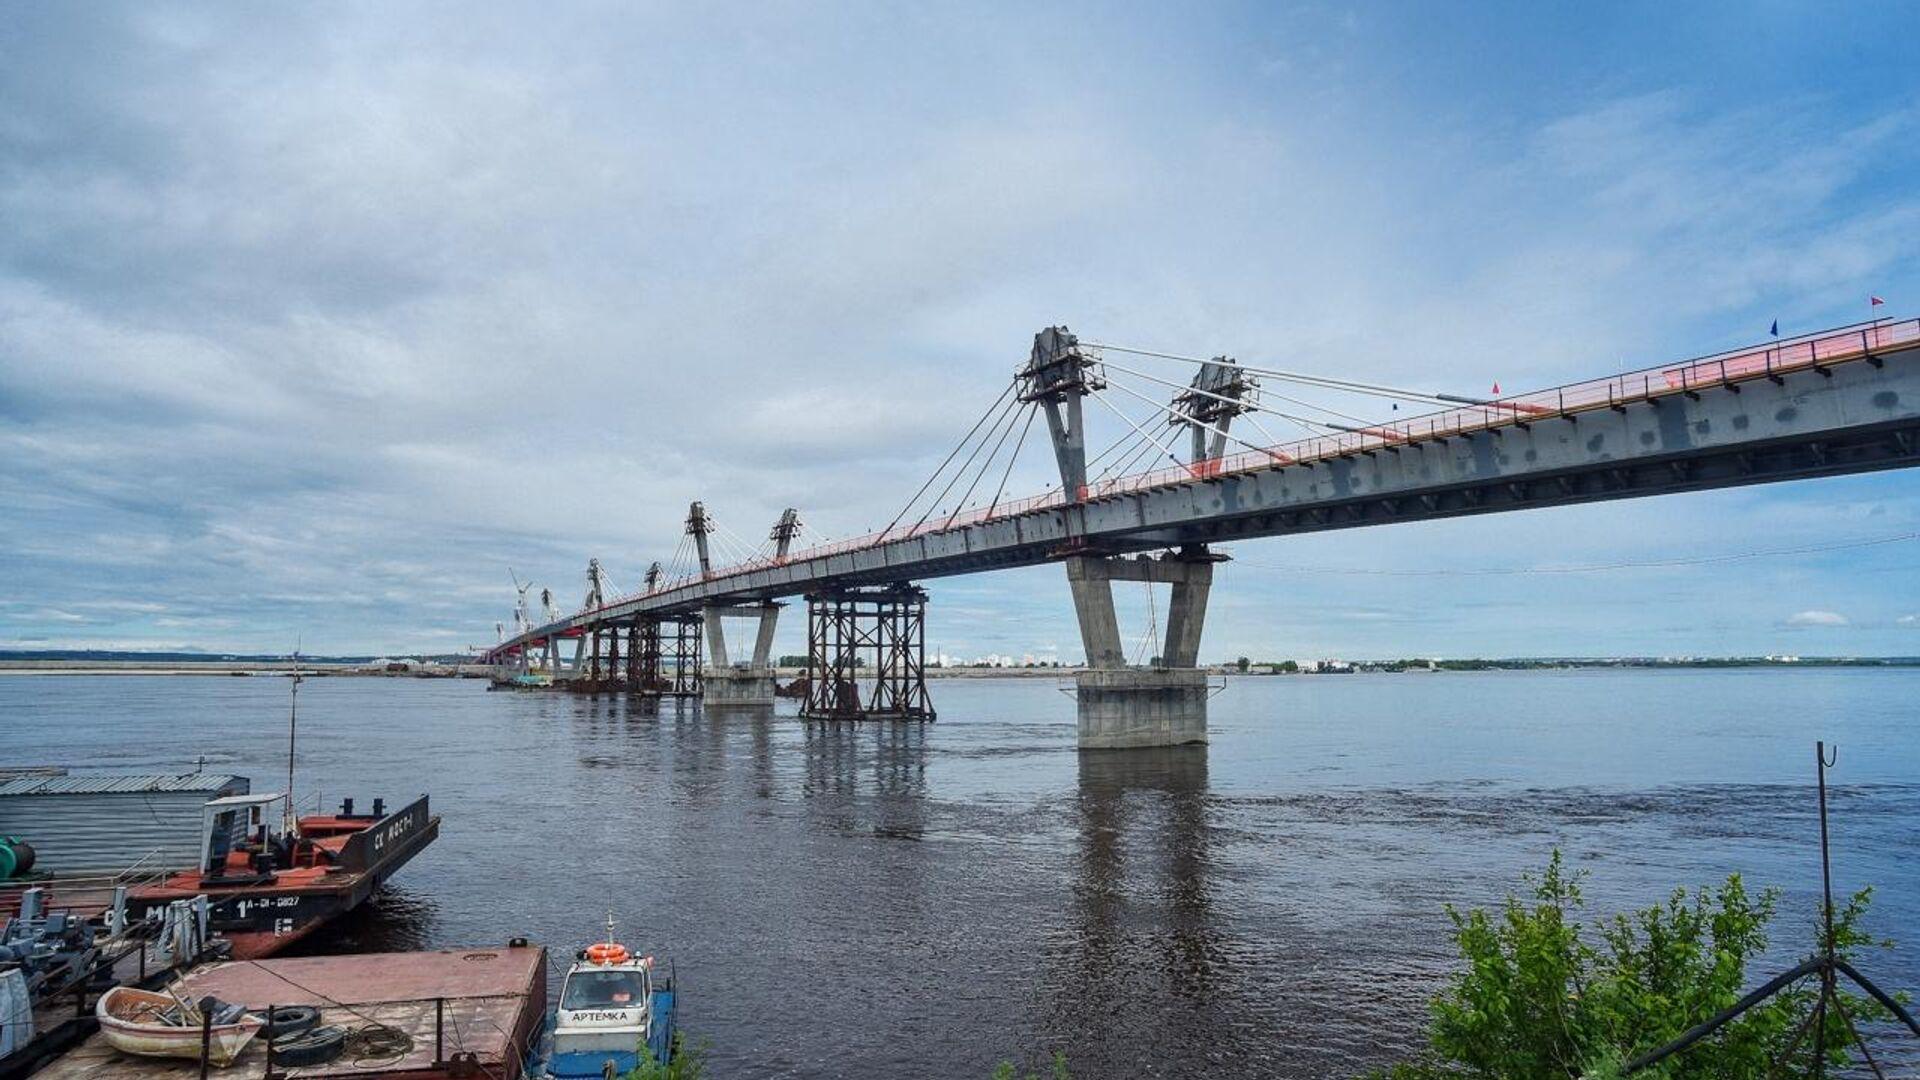 Стыковка международного моста Благовещенск - Хэйхэ. 31 мая 2019 - РИА Новости, 1920, 10.06.2020